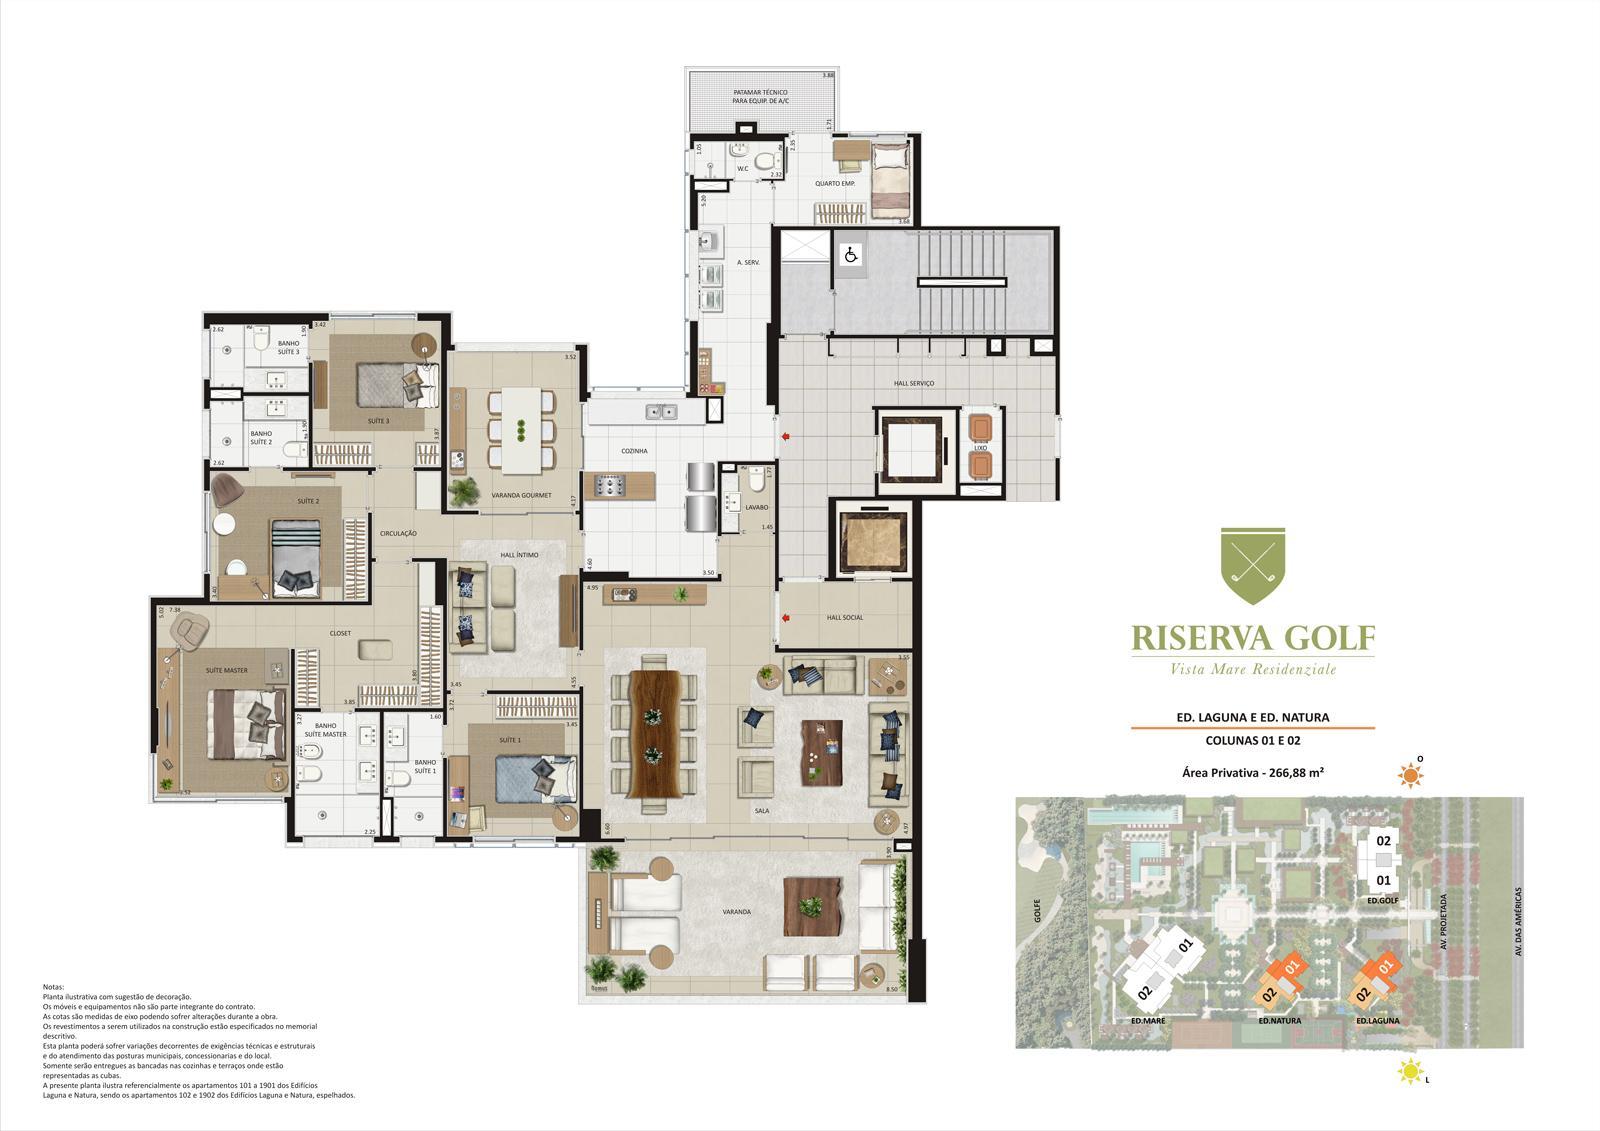 Edifícios Laguna e Natura - Colunas 1 e 2 Apartamentos de 266,88m² com 4 suítes | Riserva Golf Vista Mare Residenziale – Apartamento na  Barra da Tijuca - Rio de Janeiro - Rio de Janeiro